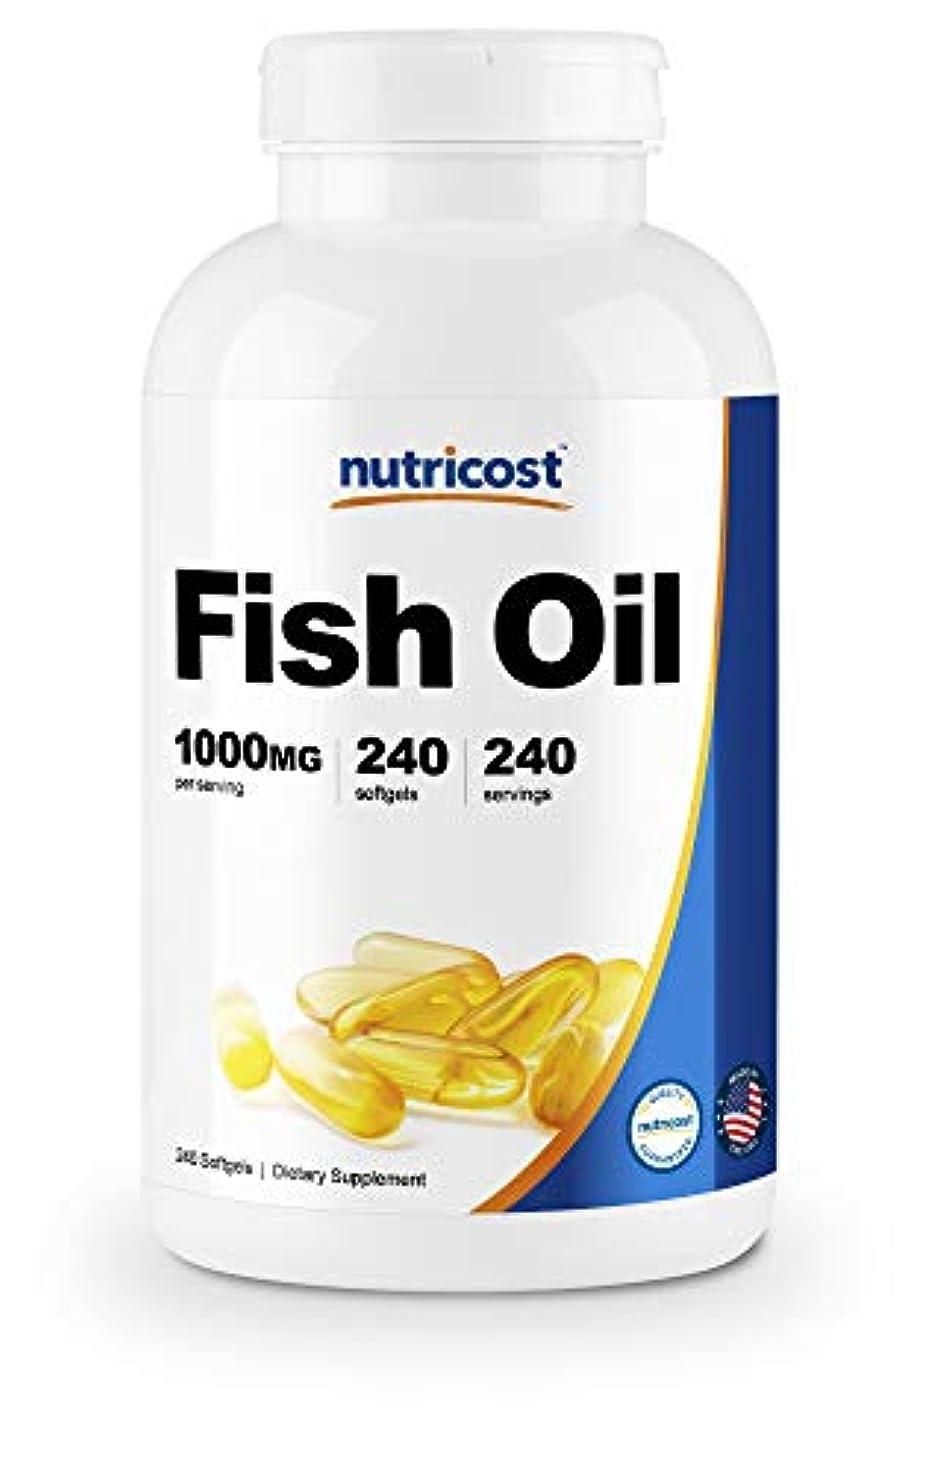 純正北クルーズNutricost 魚油オメガ3 1000mg(オメガ3の600mg)、240ソフトカプセル、非GMO、グルテンフリー